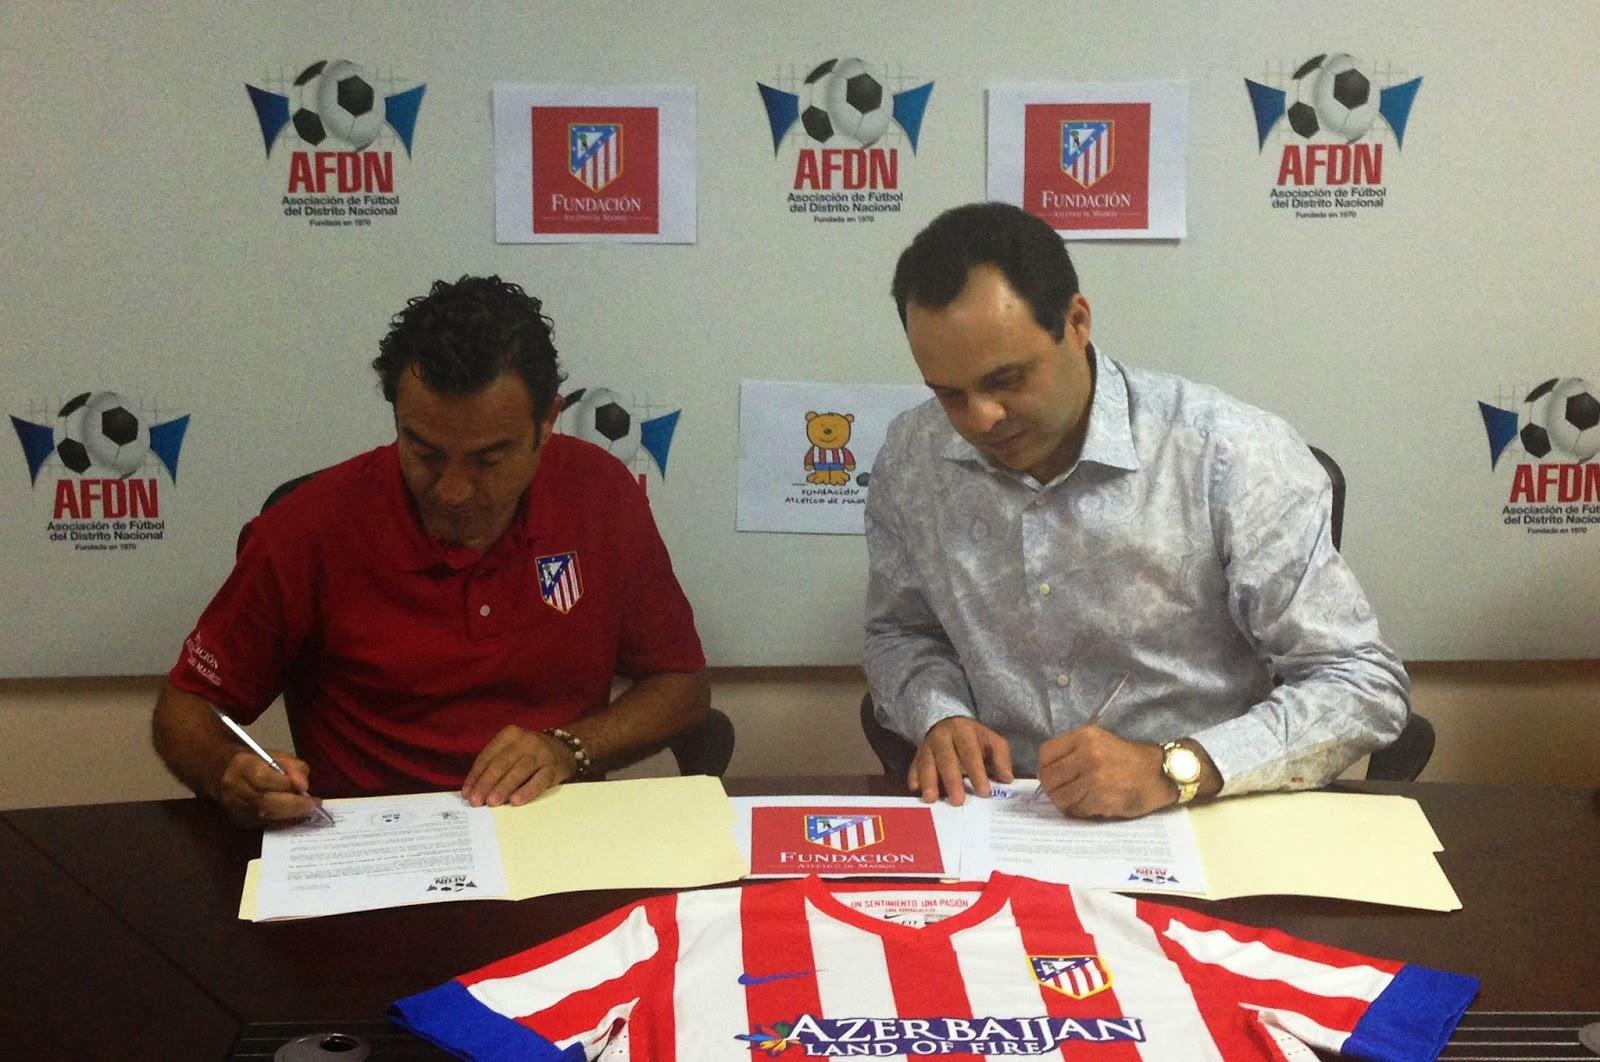 Asociación del DN y Fundación Atlético de Madrid firman acuerdo institucional para desarrollar fútbol